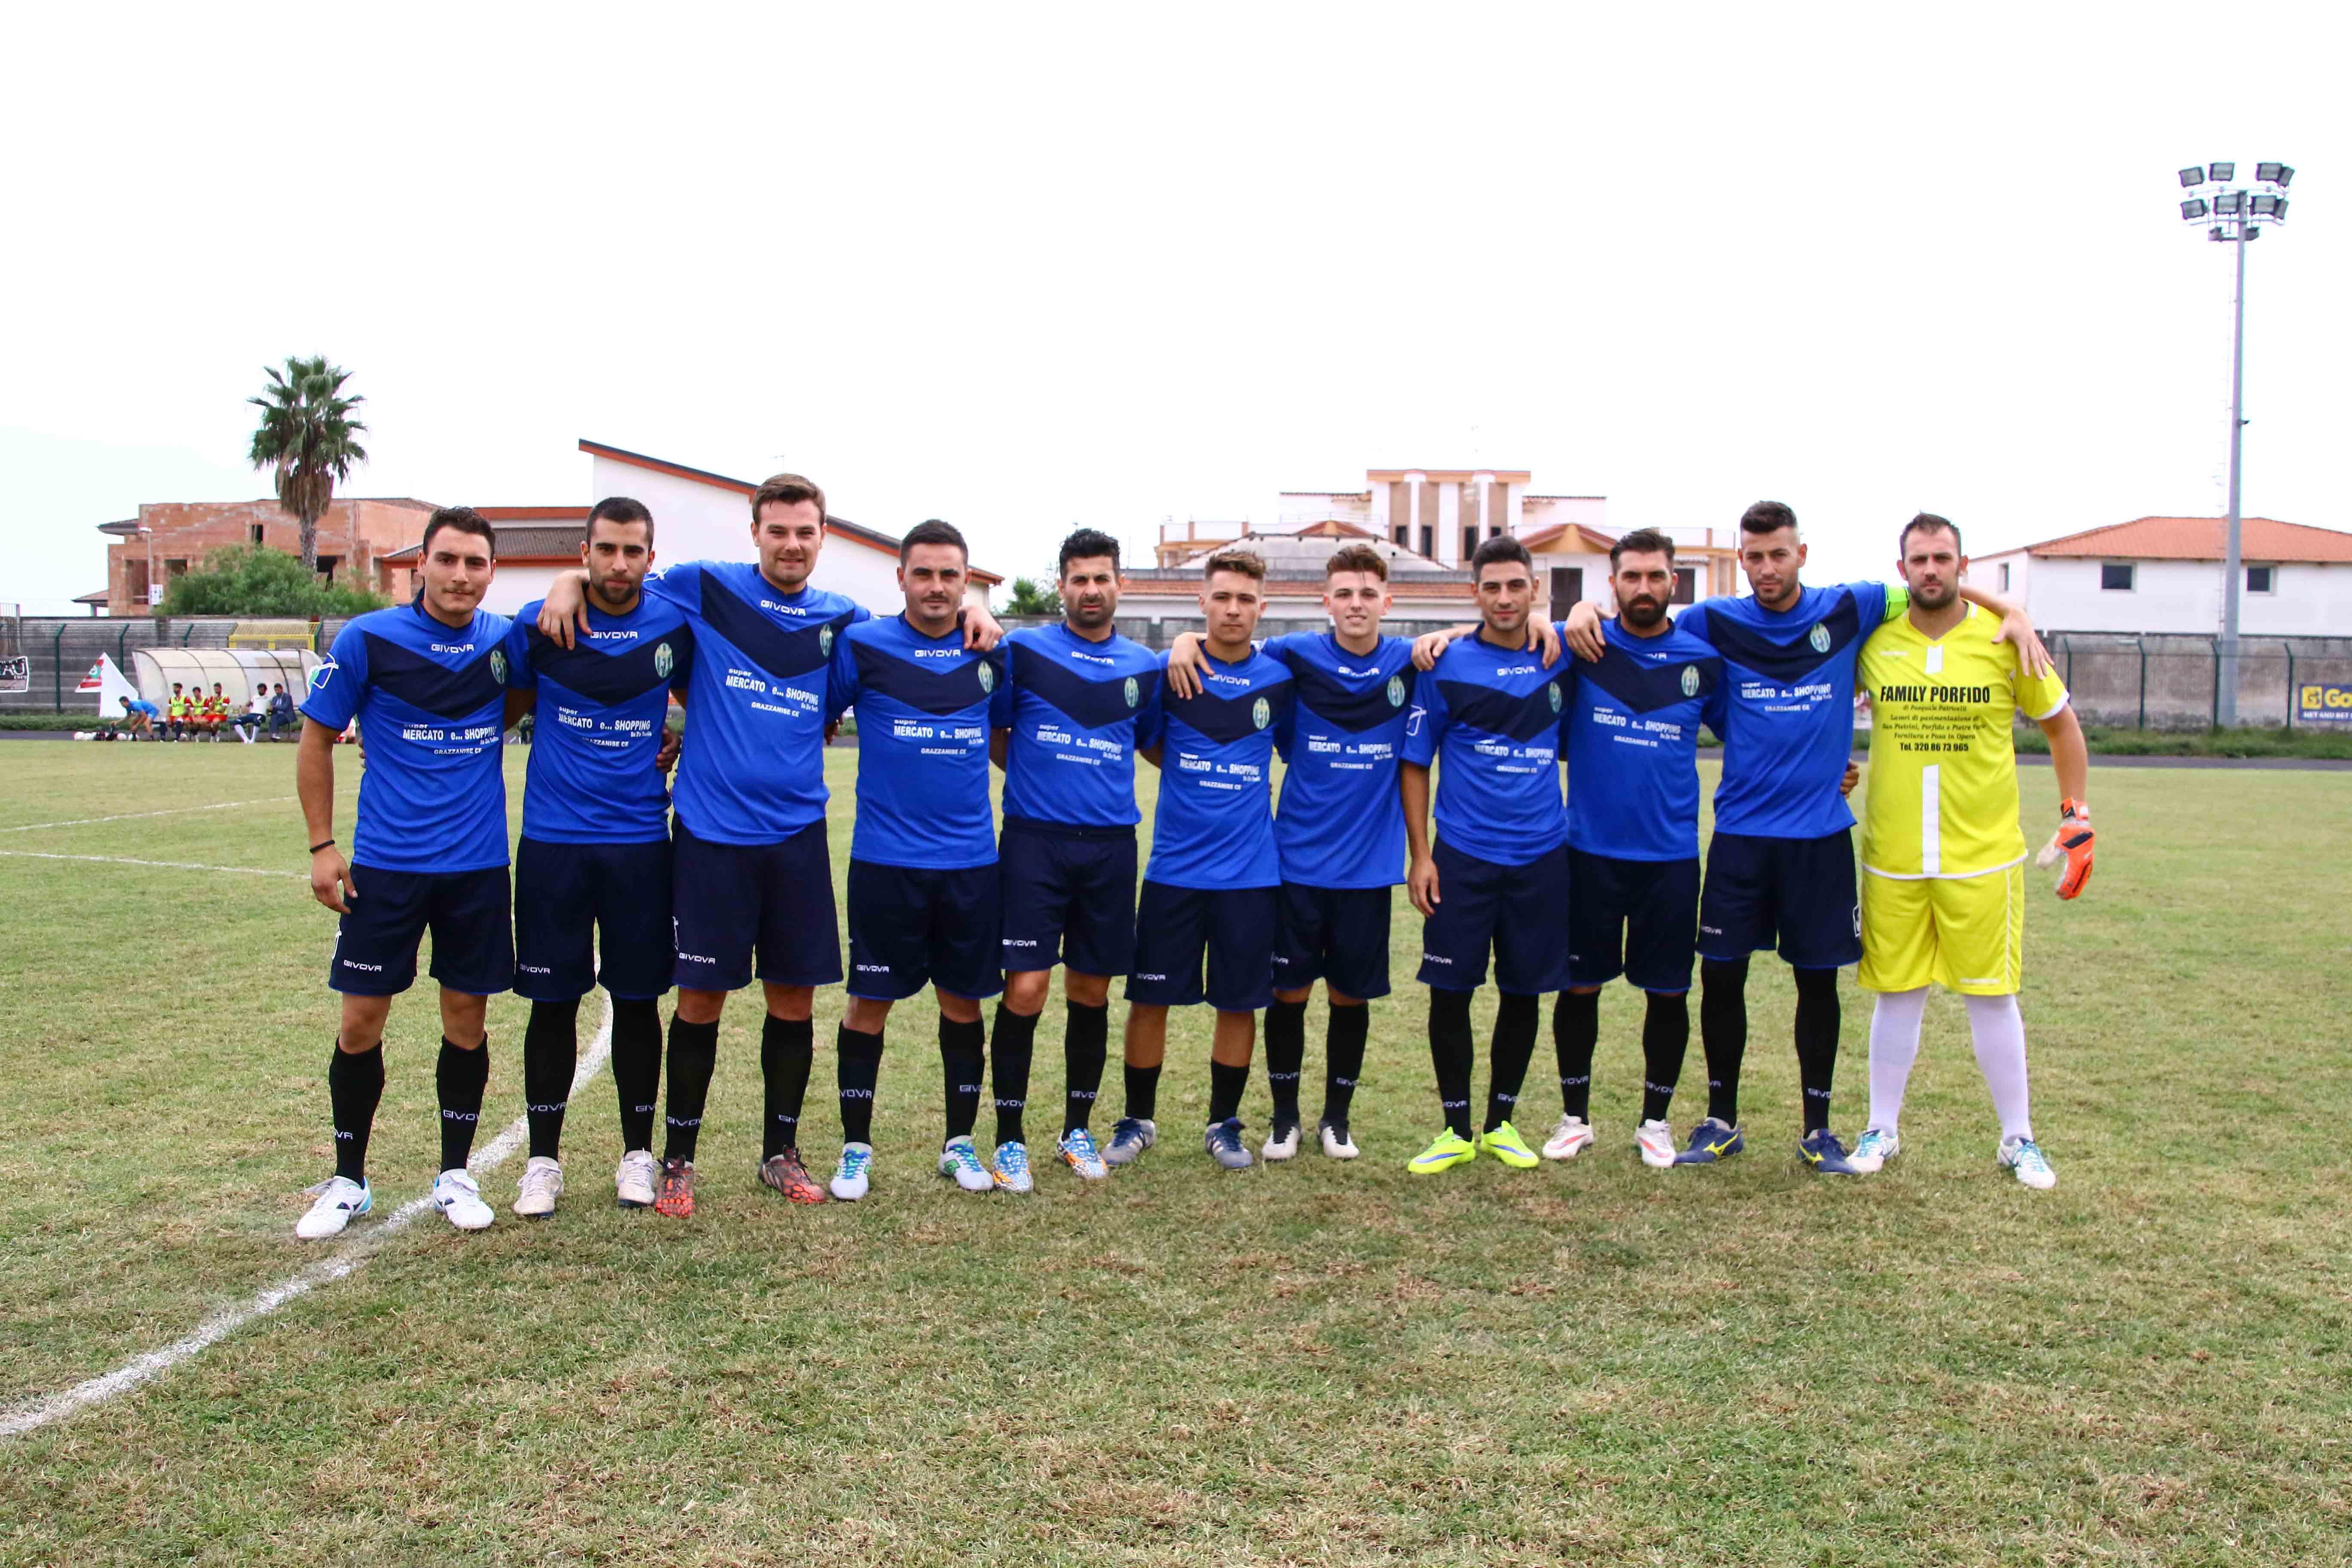 UFFICIALE | Finisce il calcio a Santa Maria la Fossa, il titolo passa a Santa Maria Capua Vetere